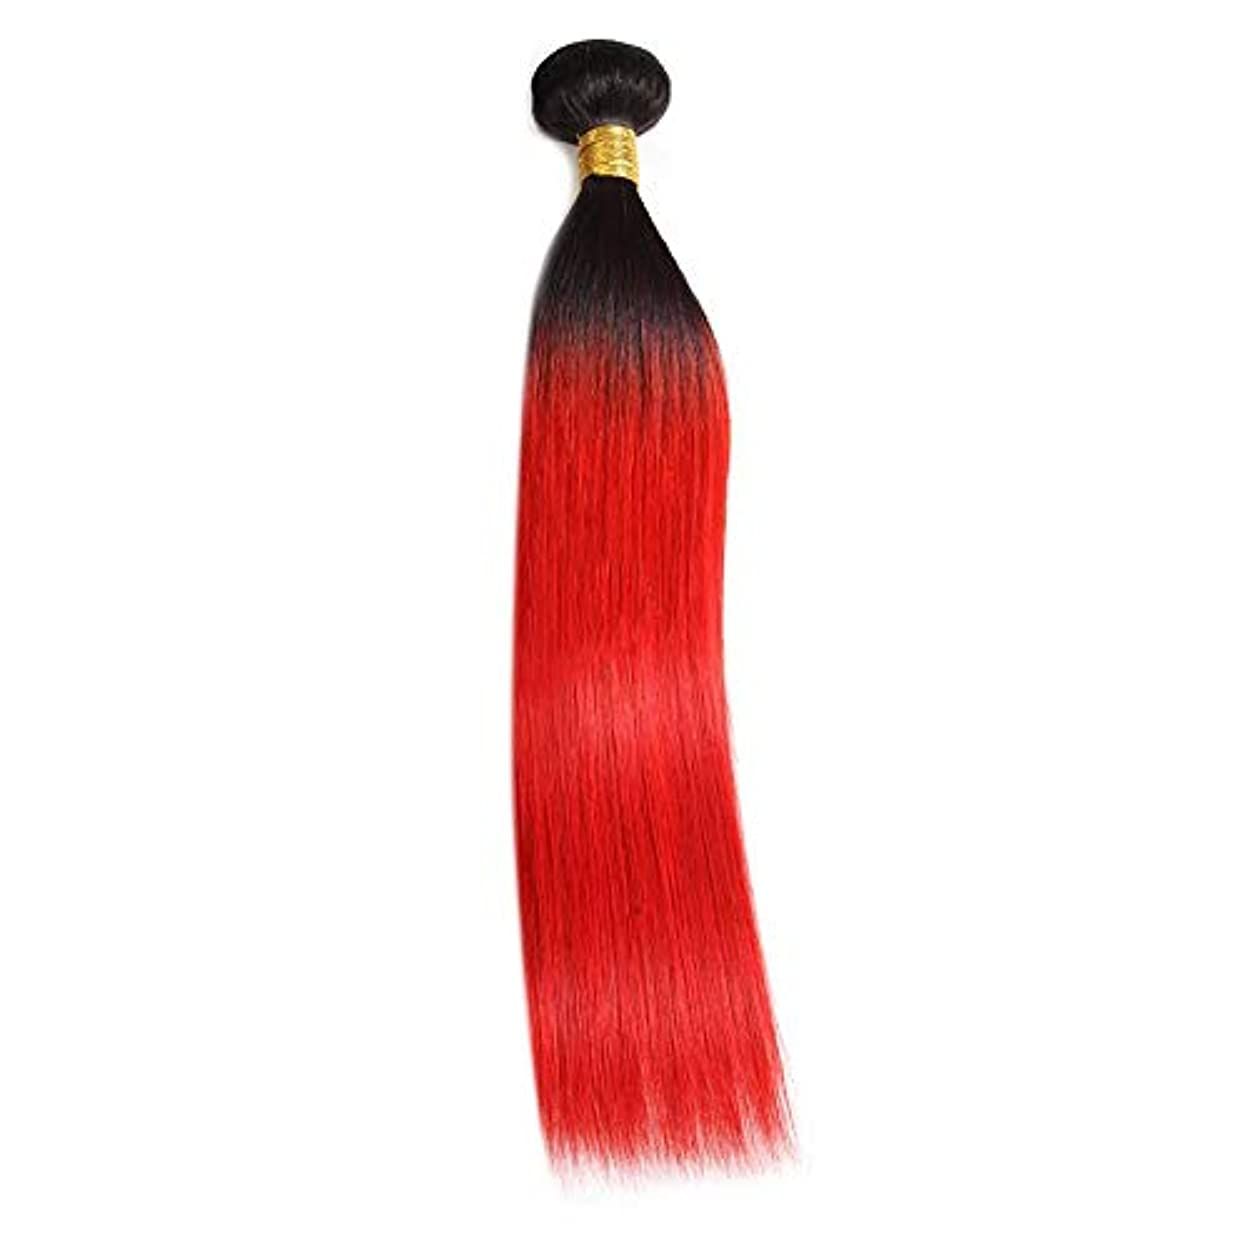 コロニアル小麦粉プレゼンHOHYLLYA ストレートの髪飾り100%本物の人間の髪の横糸赤毛エクステンションロールプレイングかつら女性のかつら (色 : Bundle, サイズ : 18 inch)